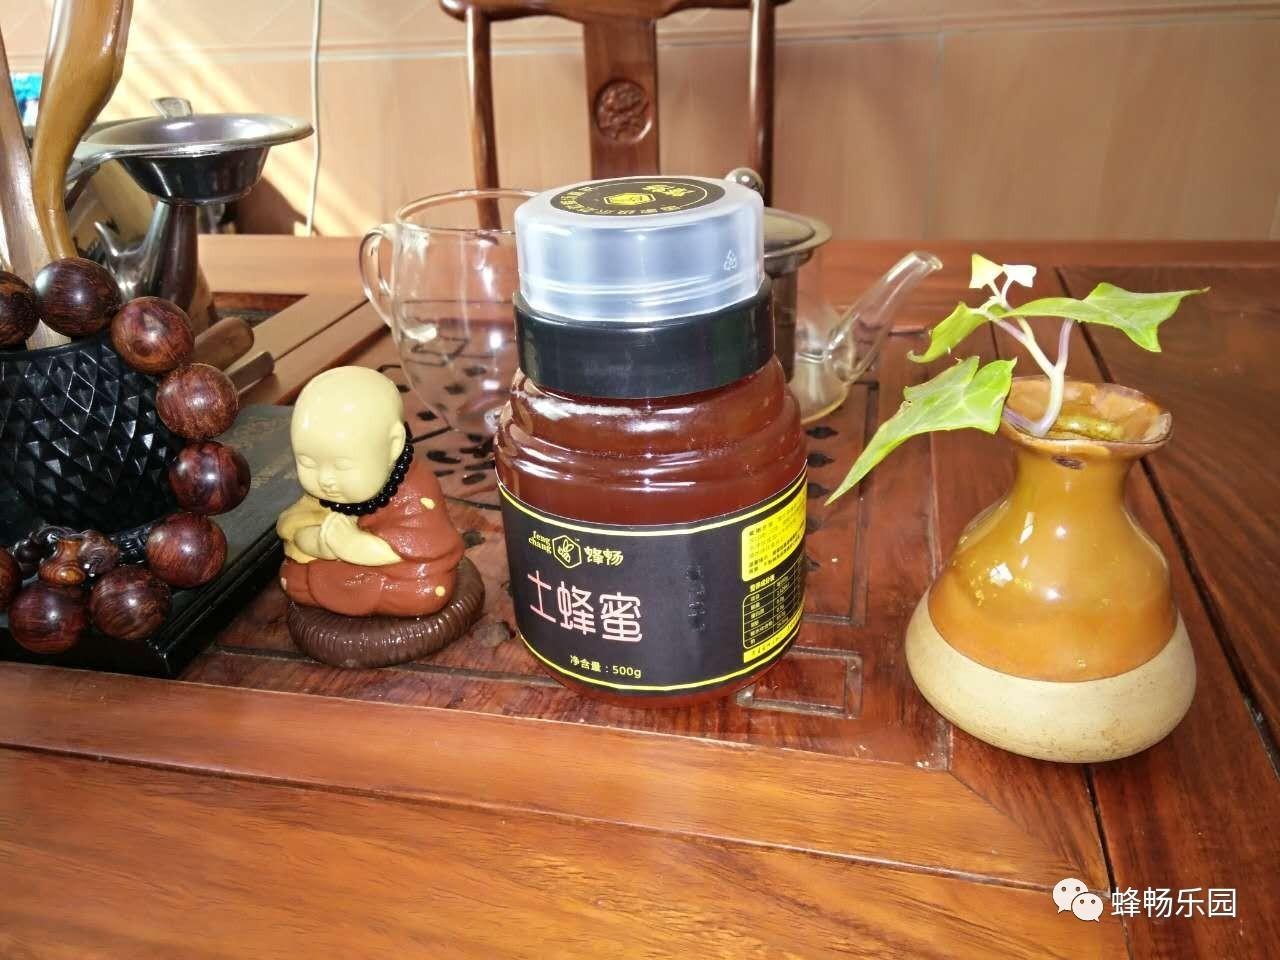 老山蜂蜜价格 蜂蜡食用方法 蜂蜡治病 蜂蜜饮用 进口蜂蜜